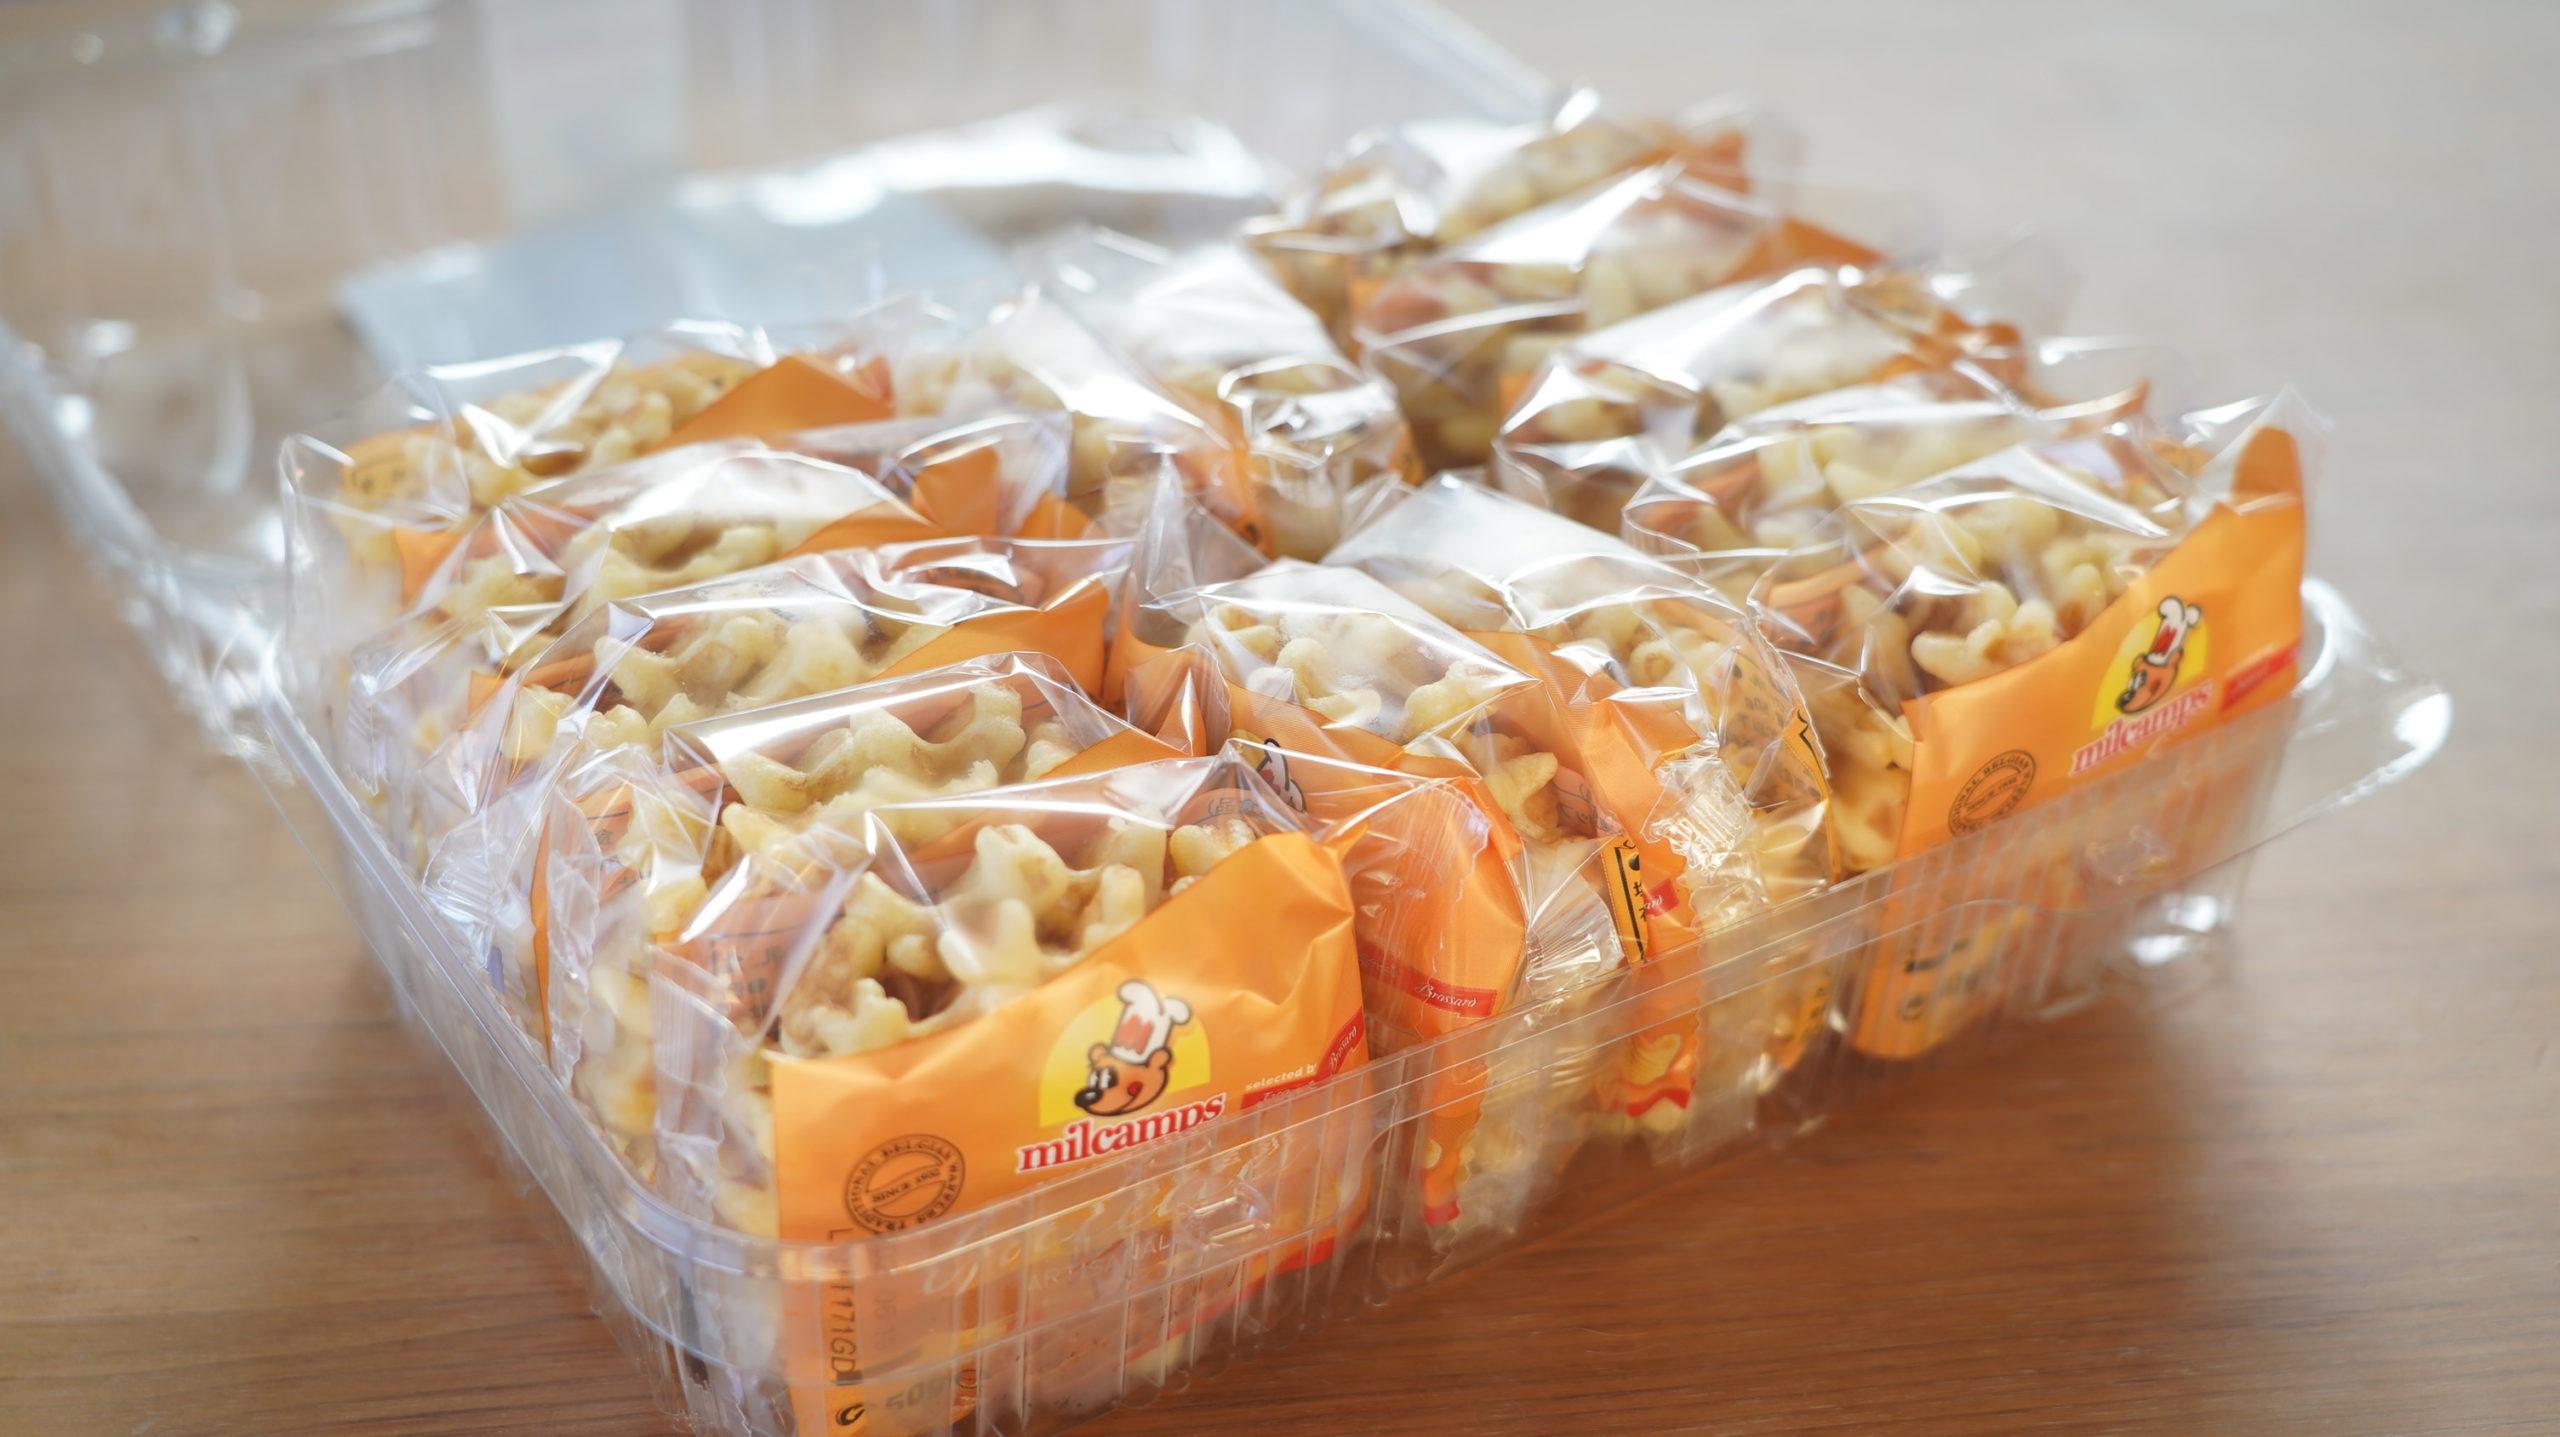 コストコの冷凍食品「ベルギー・バターワッフル」が14袋も入って大容量であることが分かる写真